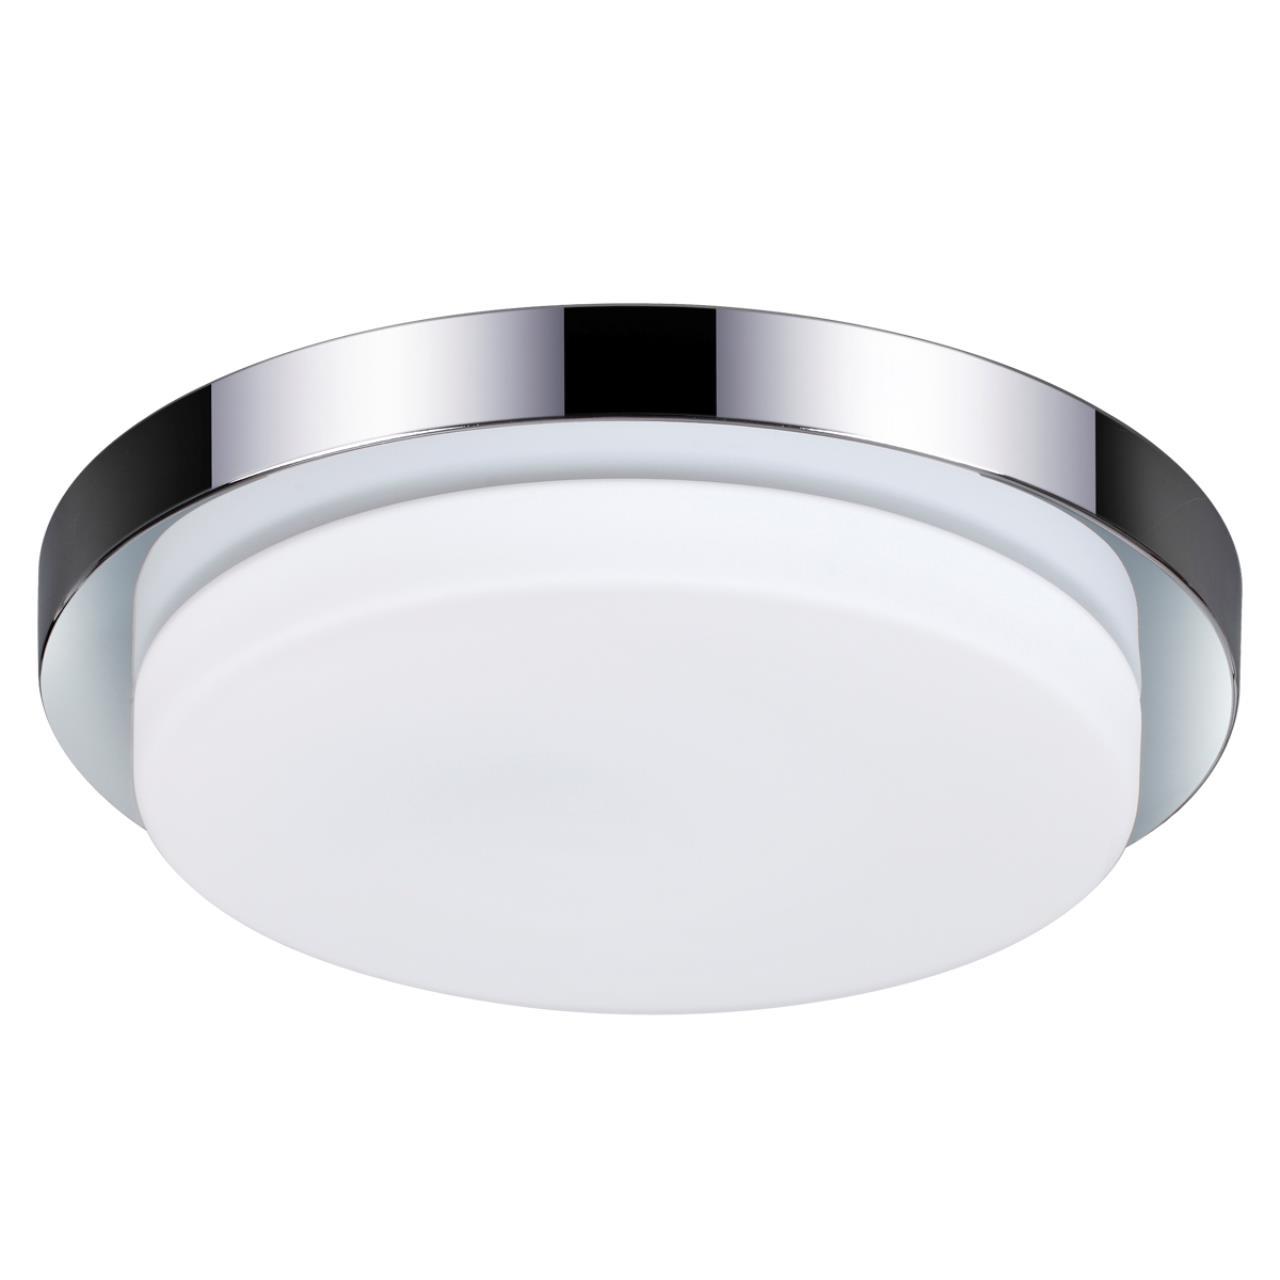 2746/3C DROPS ODL15 661 хром/стекло Н/п светильник IP44 E14 3*40W 220V HOLGER